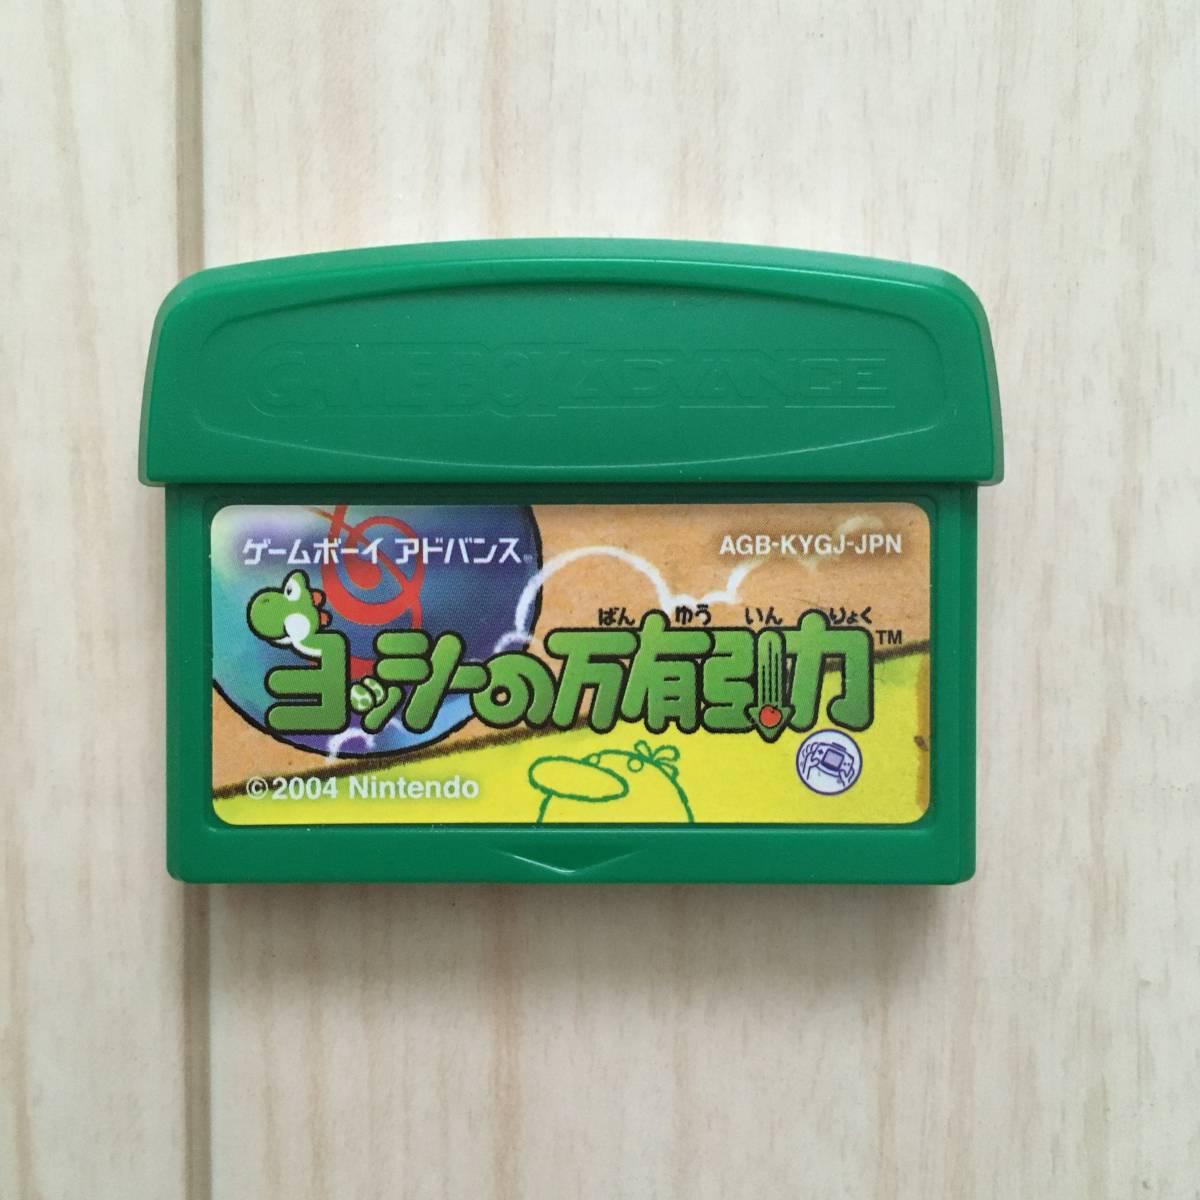 ヨッシーの万有引力 GBAソフト ゲームボーイアドバンスソフト